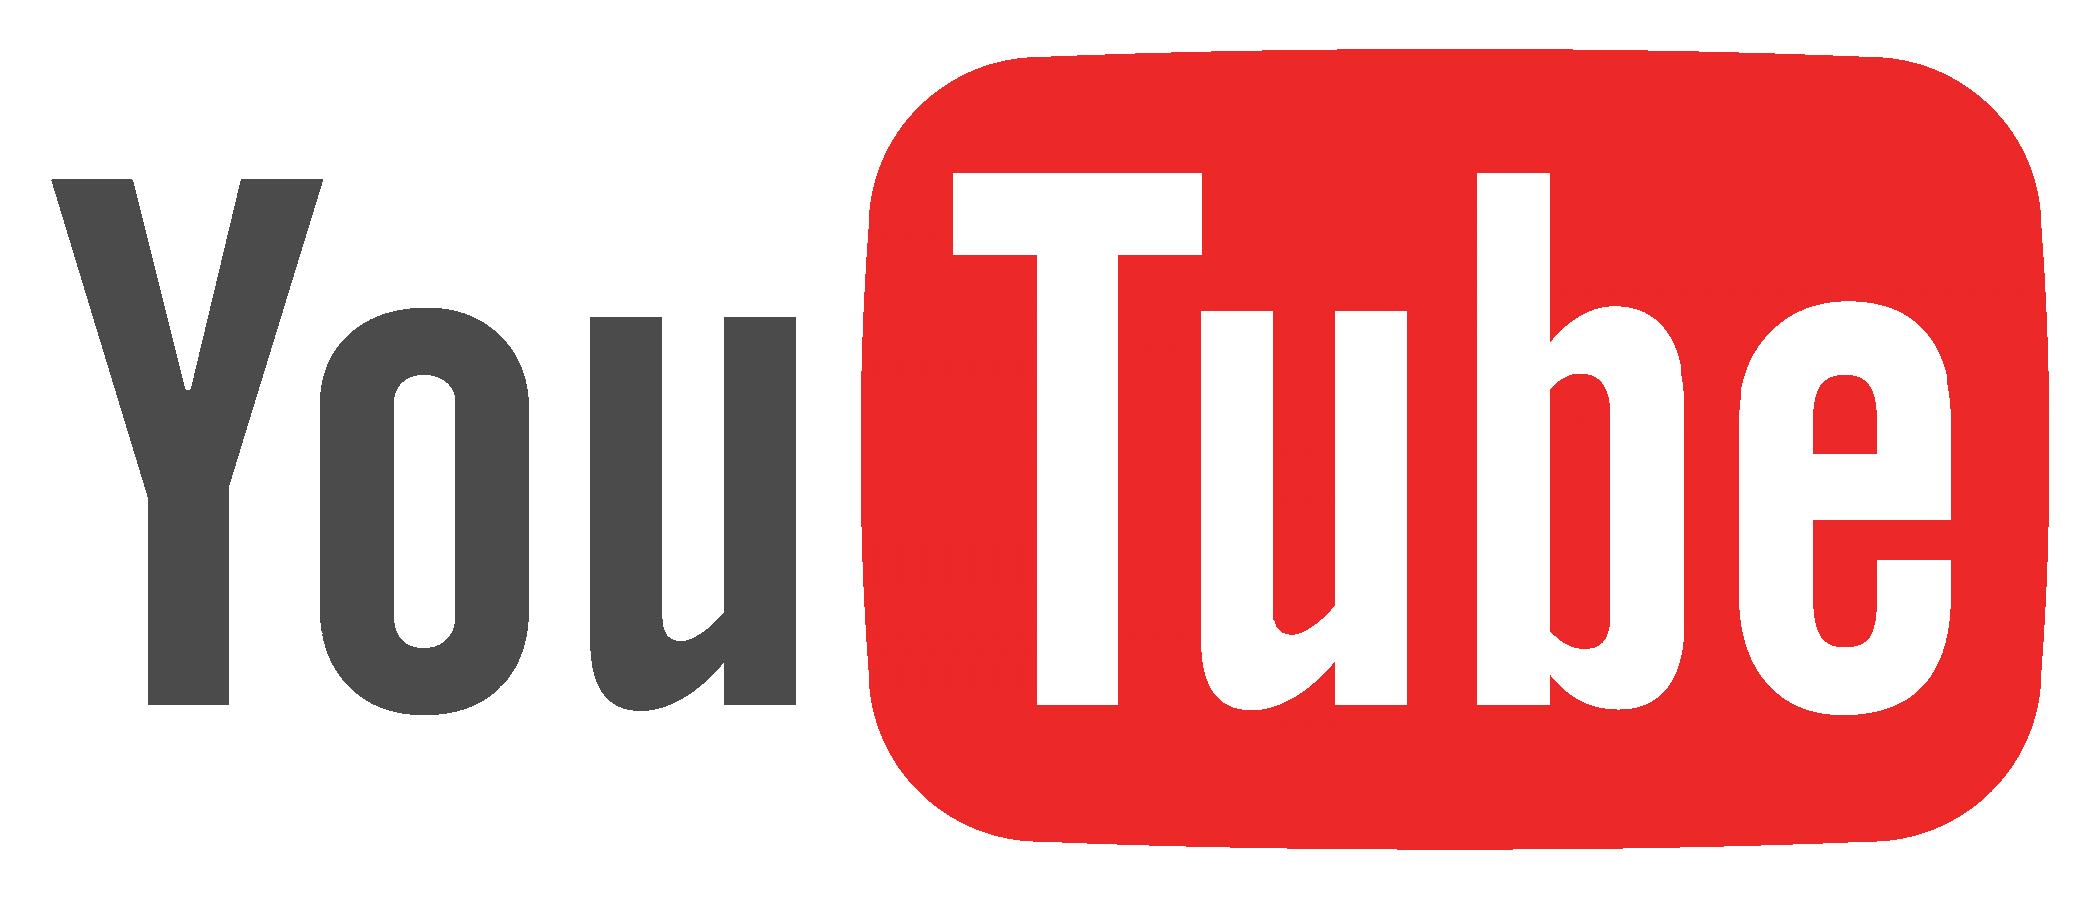 Er det virkelig slut for Youtube? - medier & troværdighed - Jesper Wille //  Jesper W. of CPH